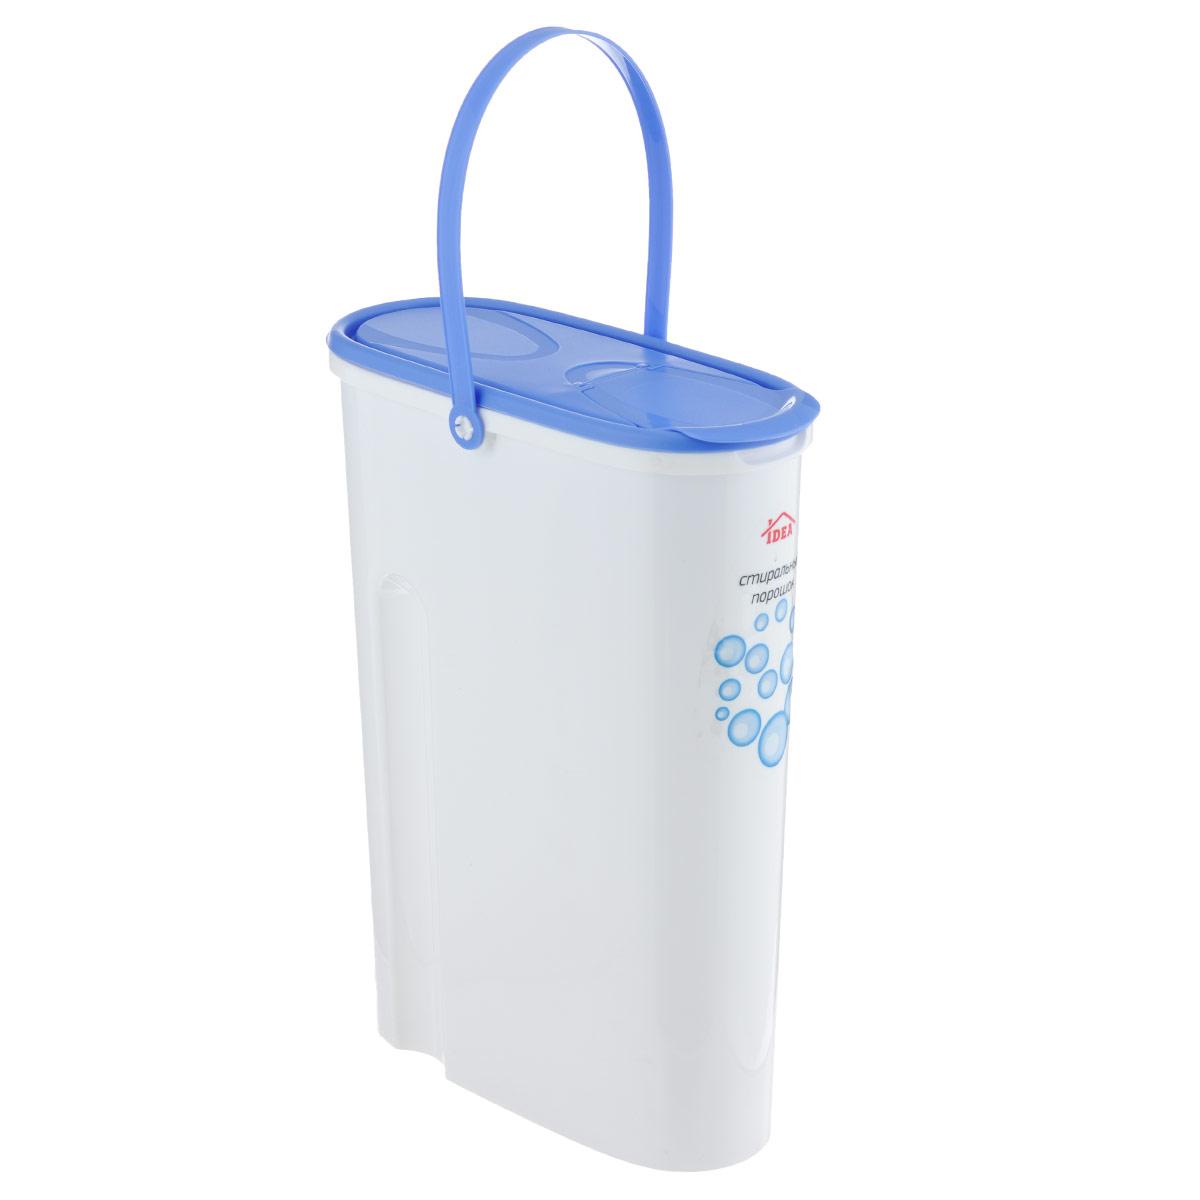 Контейнер для стирального порошка Idea, 5 лМ 1240Контейнер для стирального порошка Idea изготовлен из высококачественного пластика. Специальная удлиненная форма идеально подходит для хранения стирального порошка. Контейнер оснащен яркой, плотно закрывающейся крышкой, которая предотвращает распространение запаха. В крышке есть отверстие, через которое удобно высыпать или засыпать стиральный порошок. Для удобства переноски изделие снабжено прочной ручкой. Объем: 5 л.